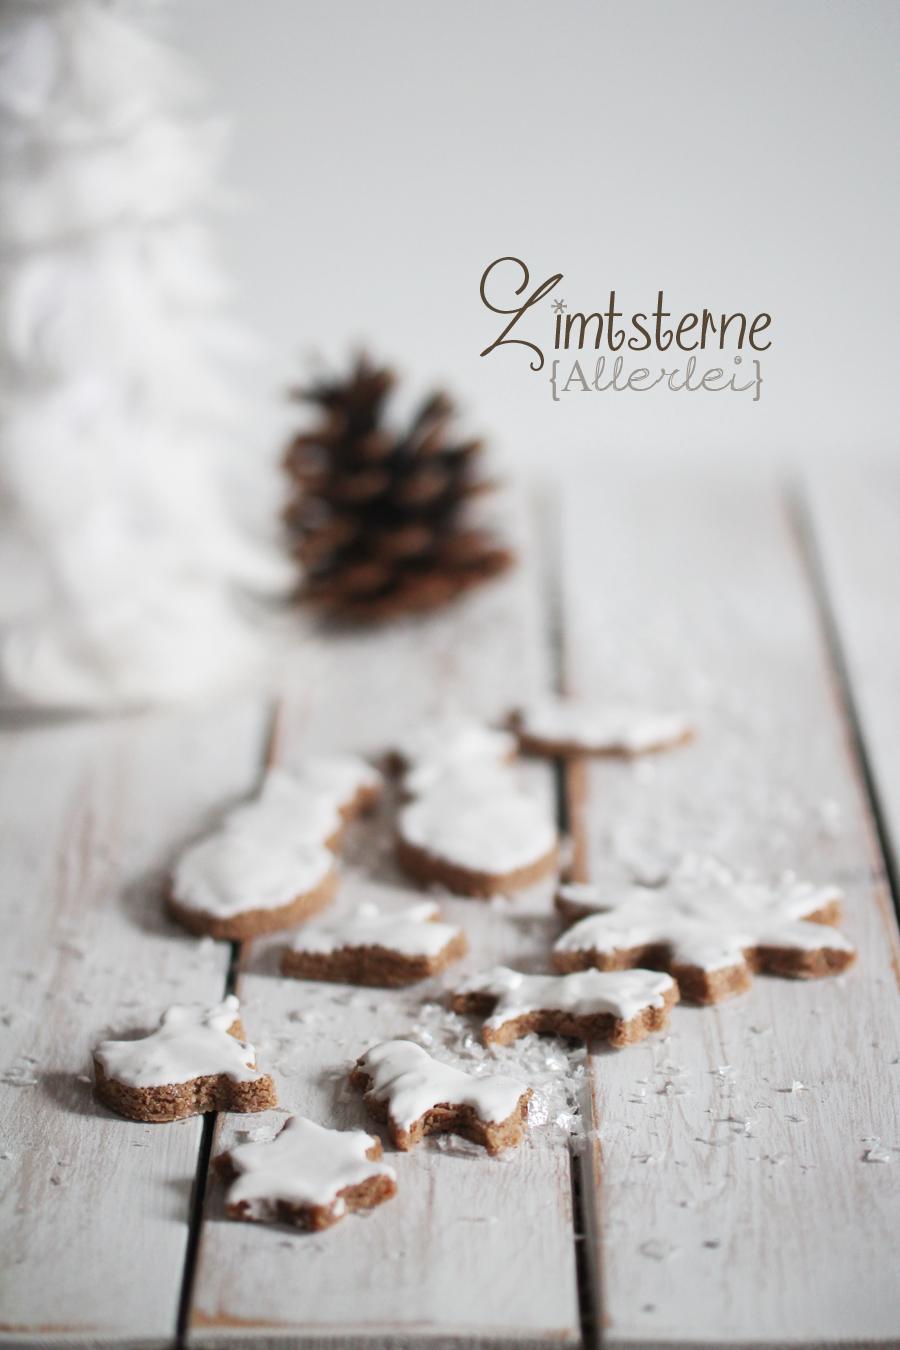 Zimtsterne-Weihnachten